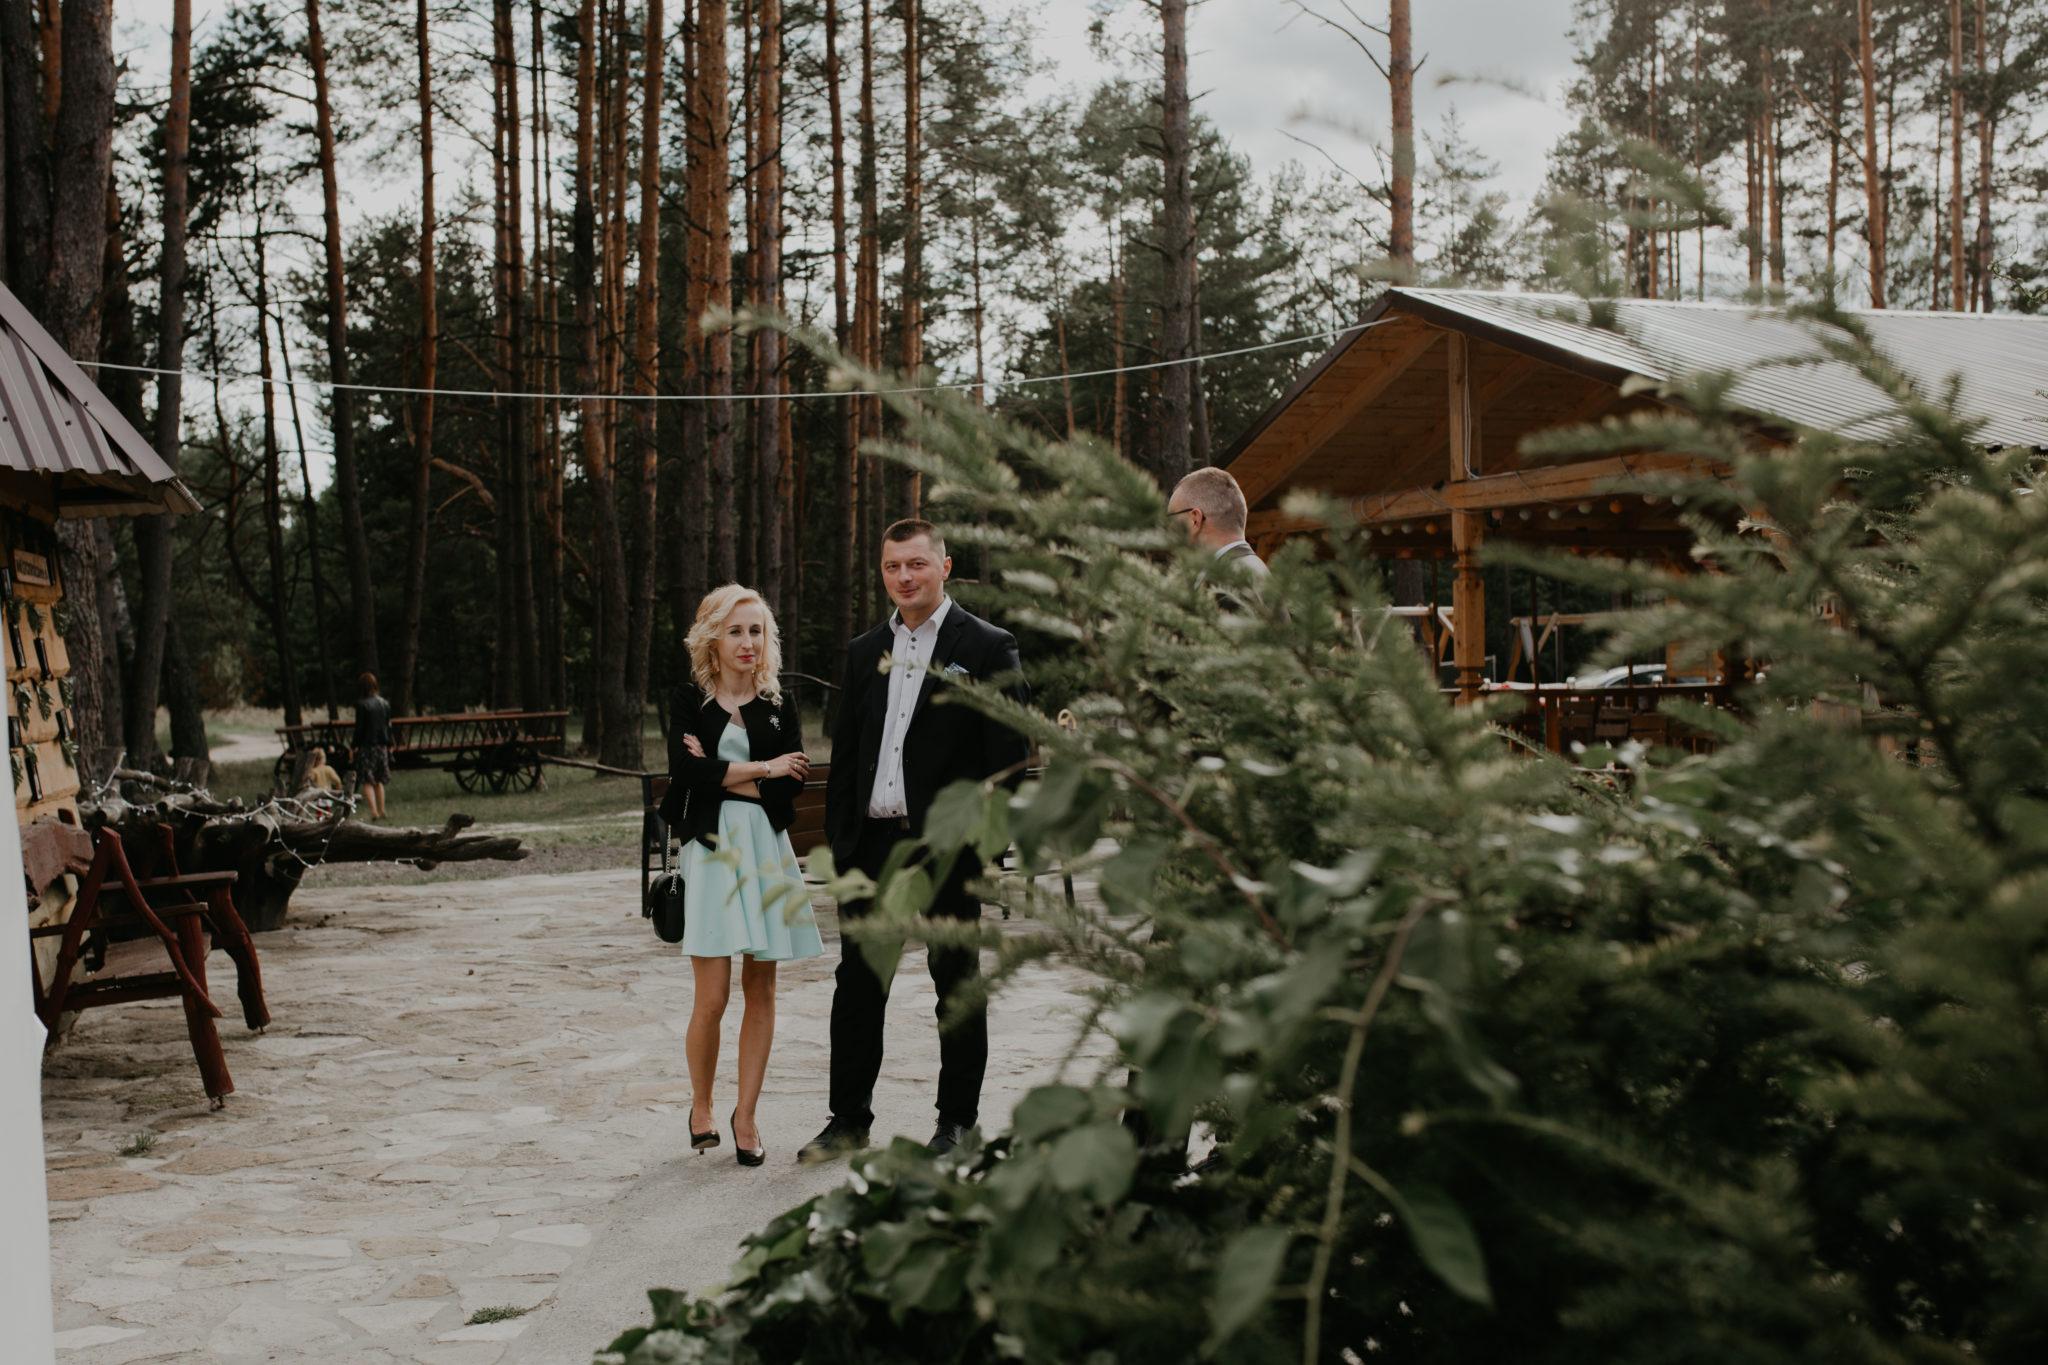 gosia i kuba80 - fotografiagk Fotografia ślubna RK wedding